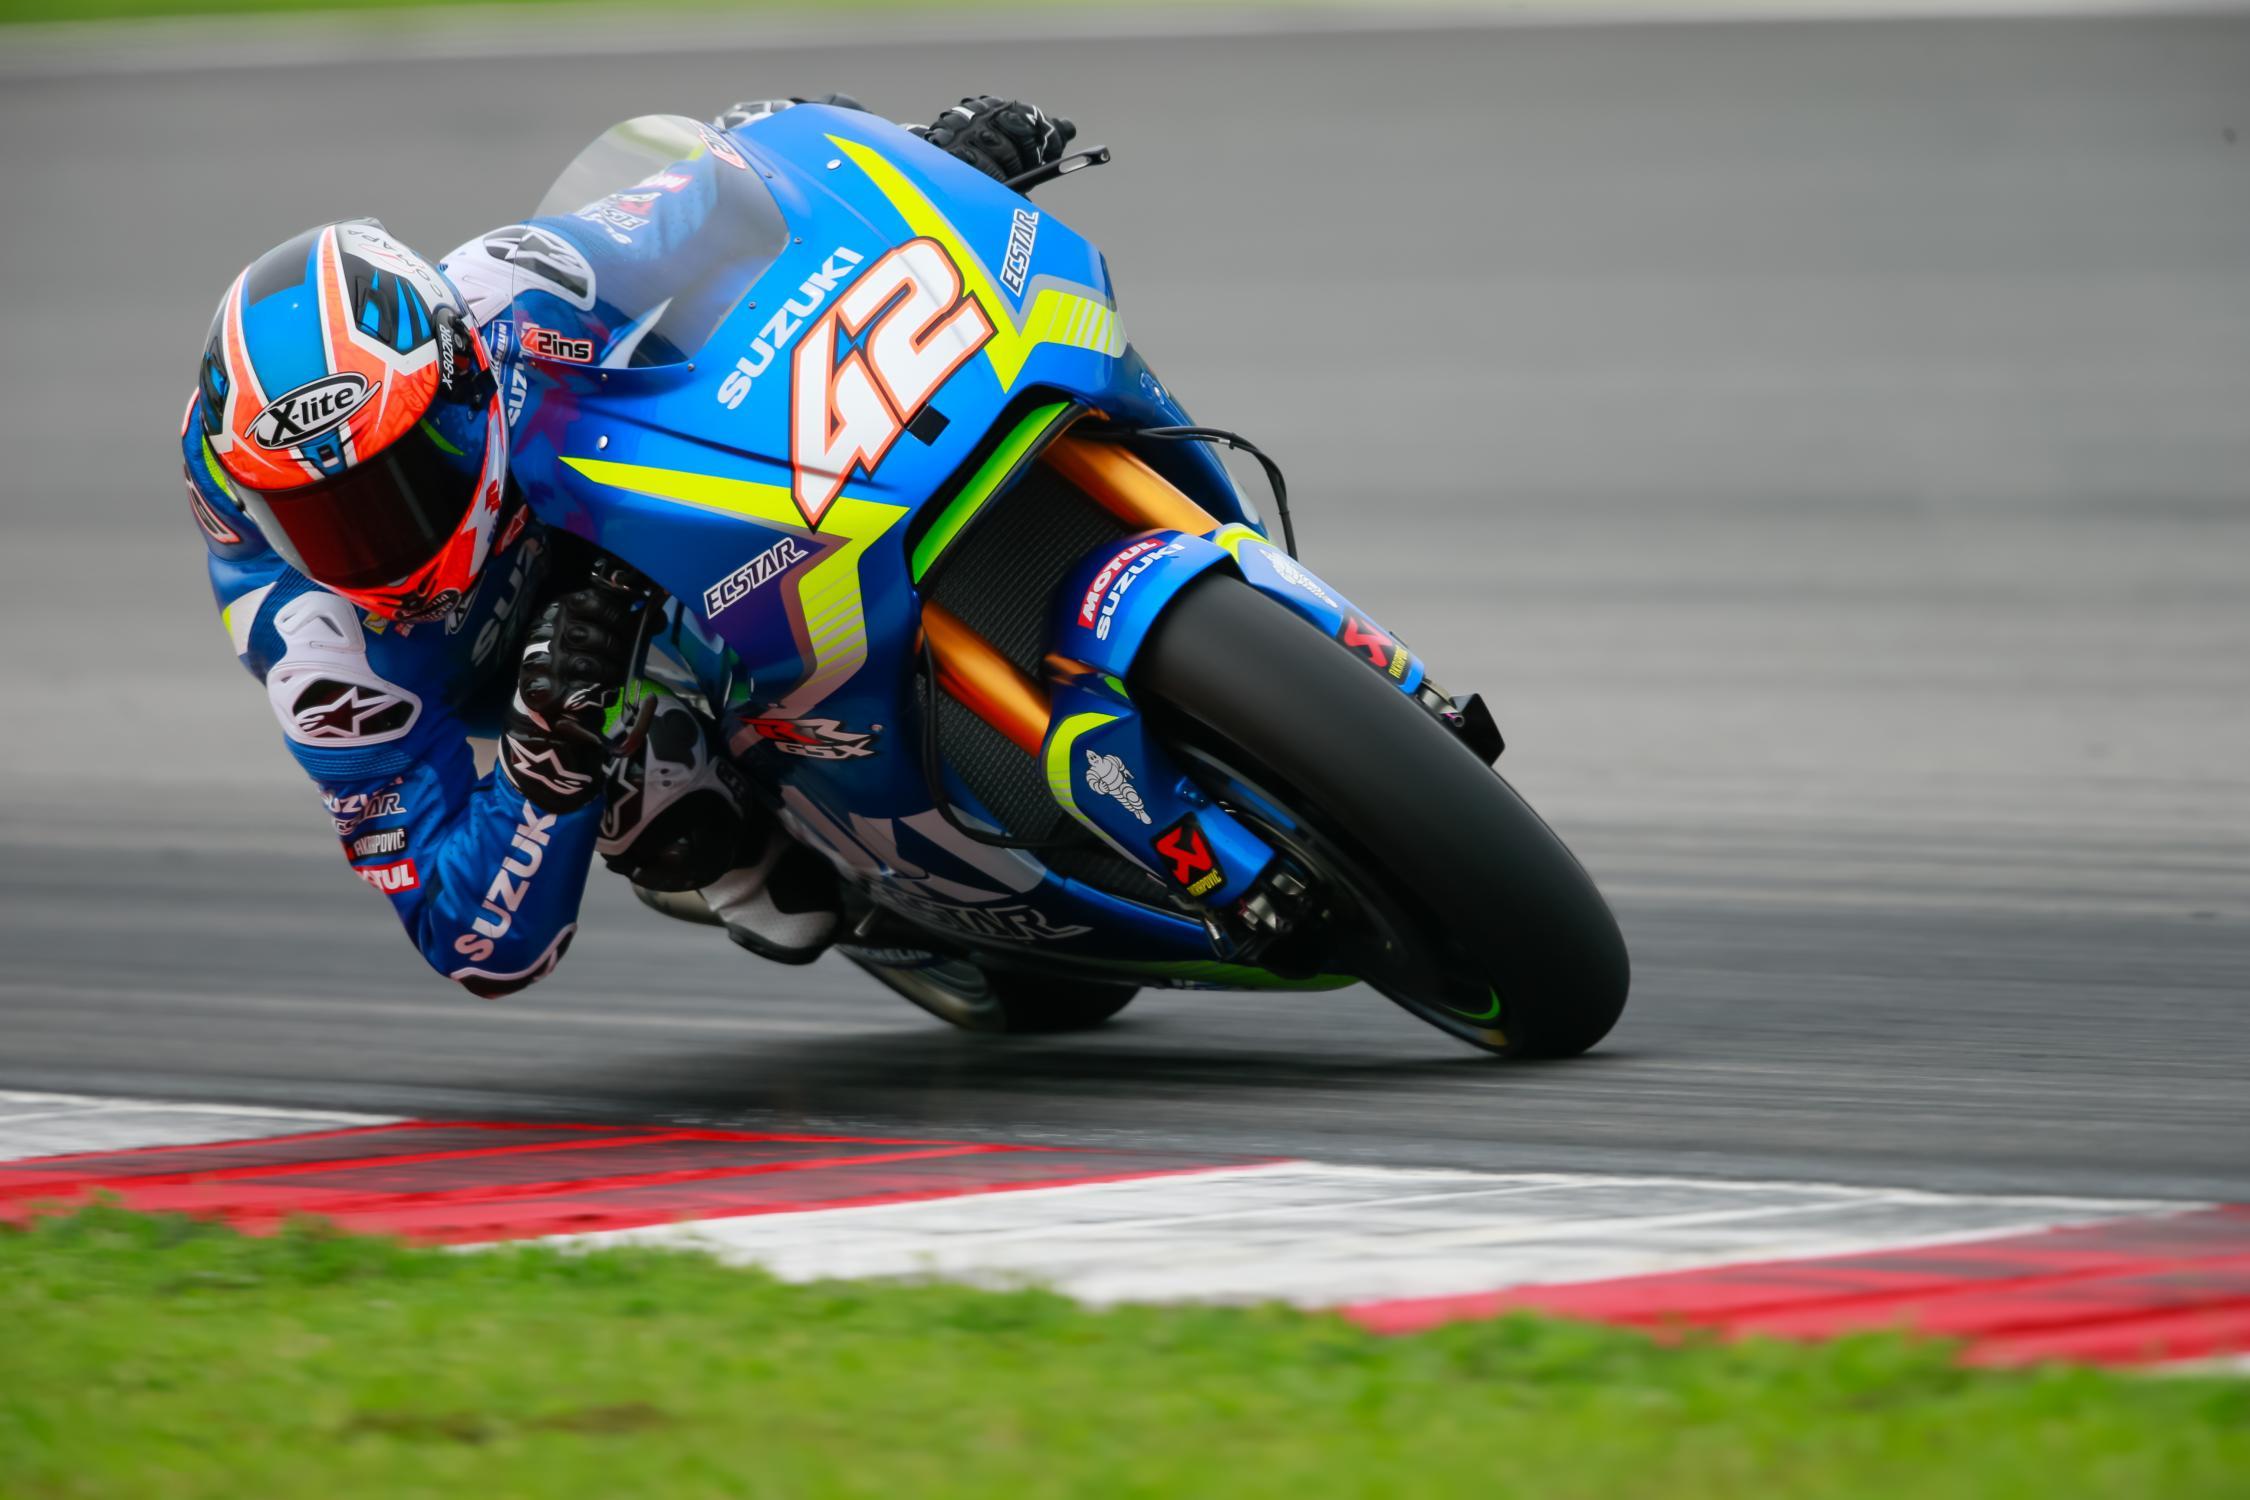 [MotoGP] Test Sepang 42-alex-rins-esp_gp_0310.gallery_full_top_fullscreen